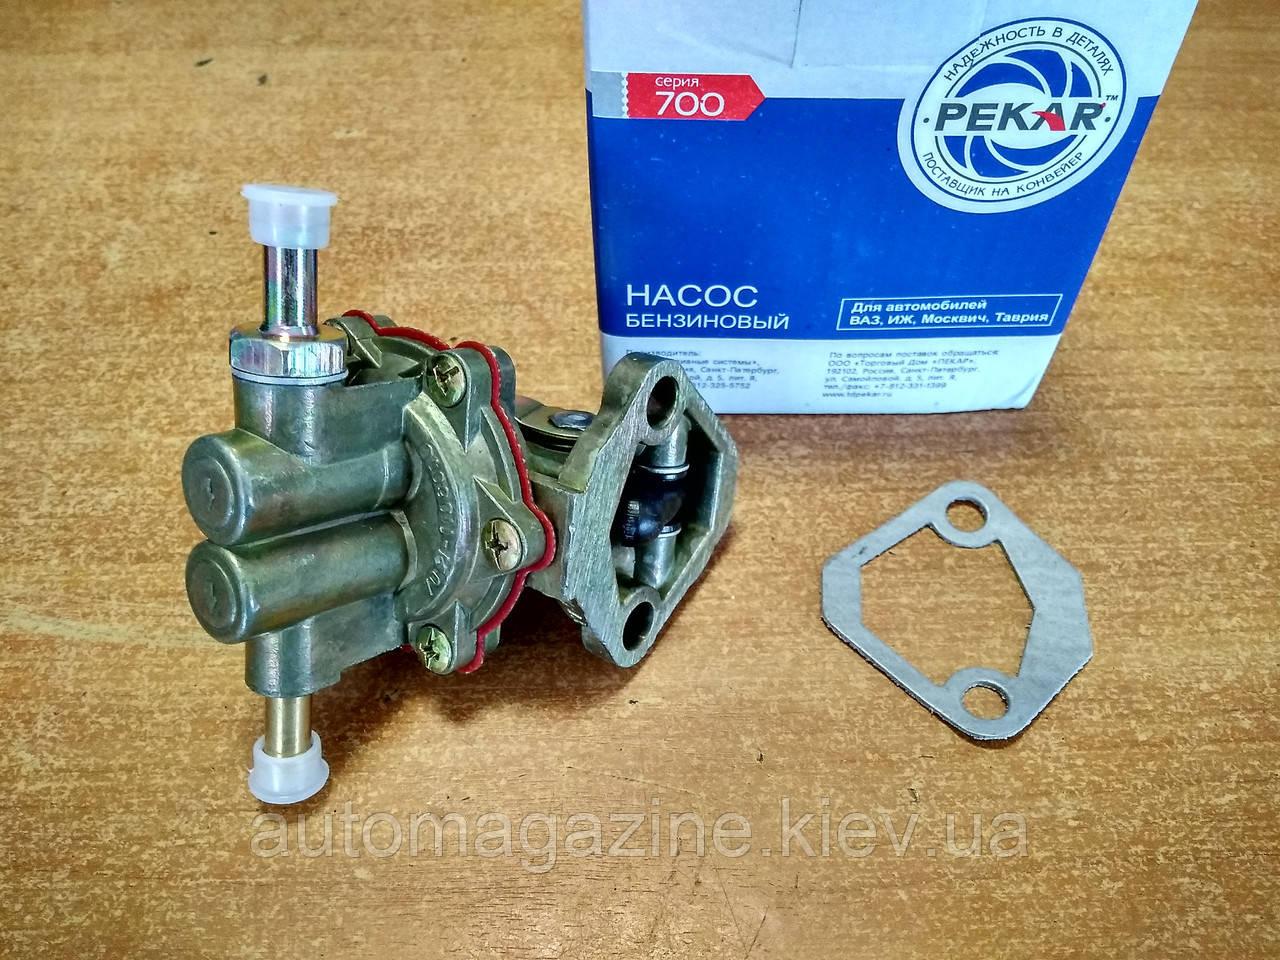 Насос паливний ВАЗ 2108 - 2109 (Pekar)